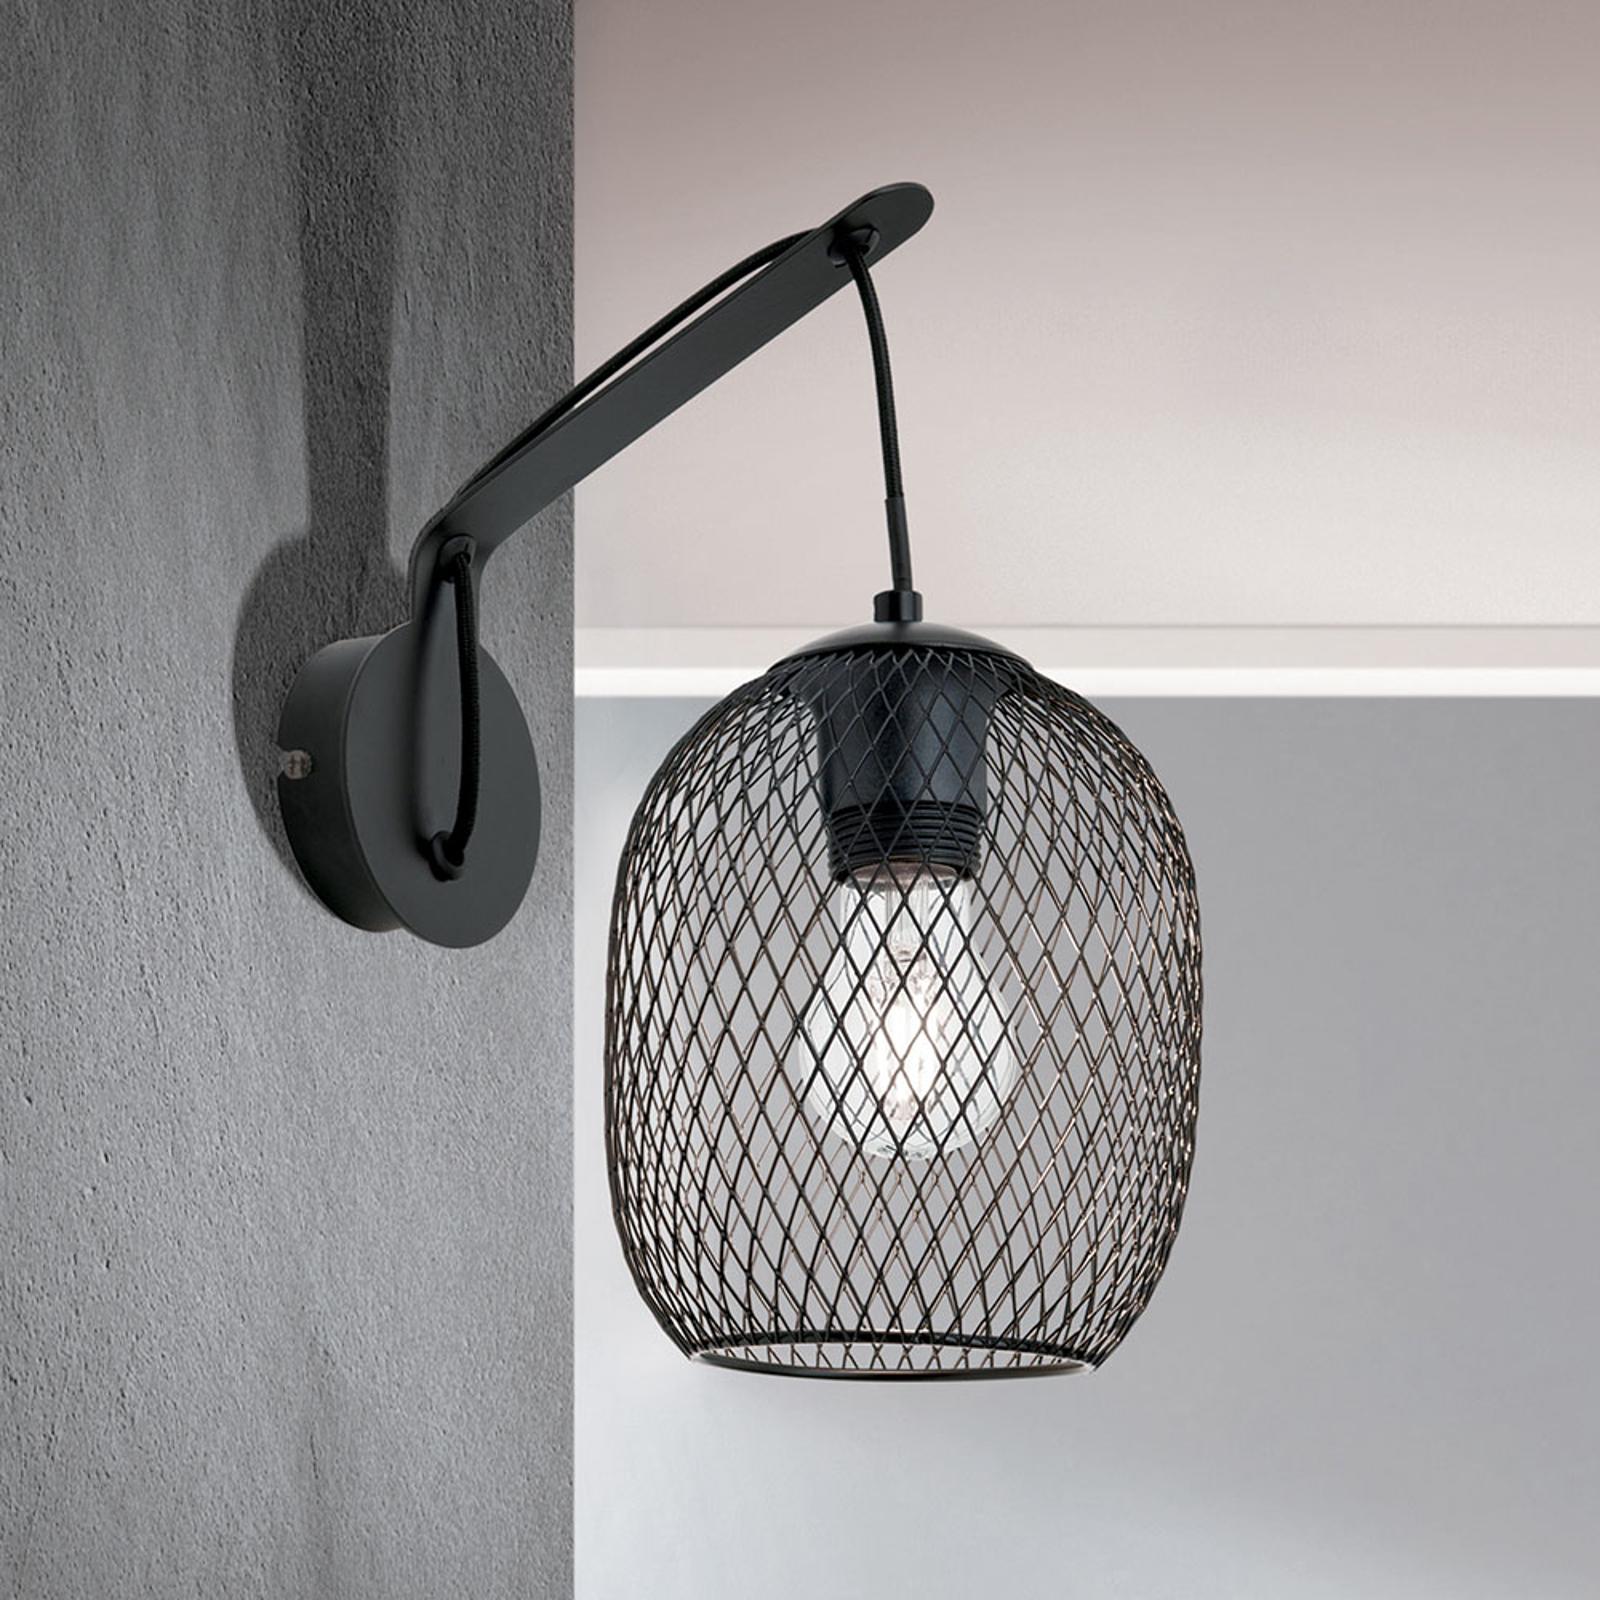 Lampa ścienna Georgina z kloszem klatkowym